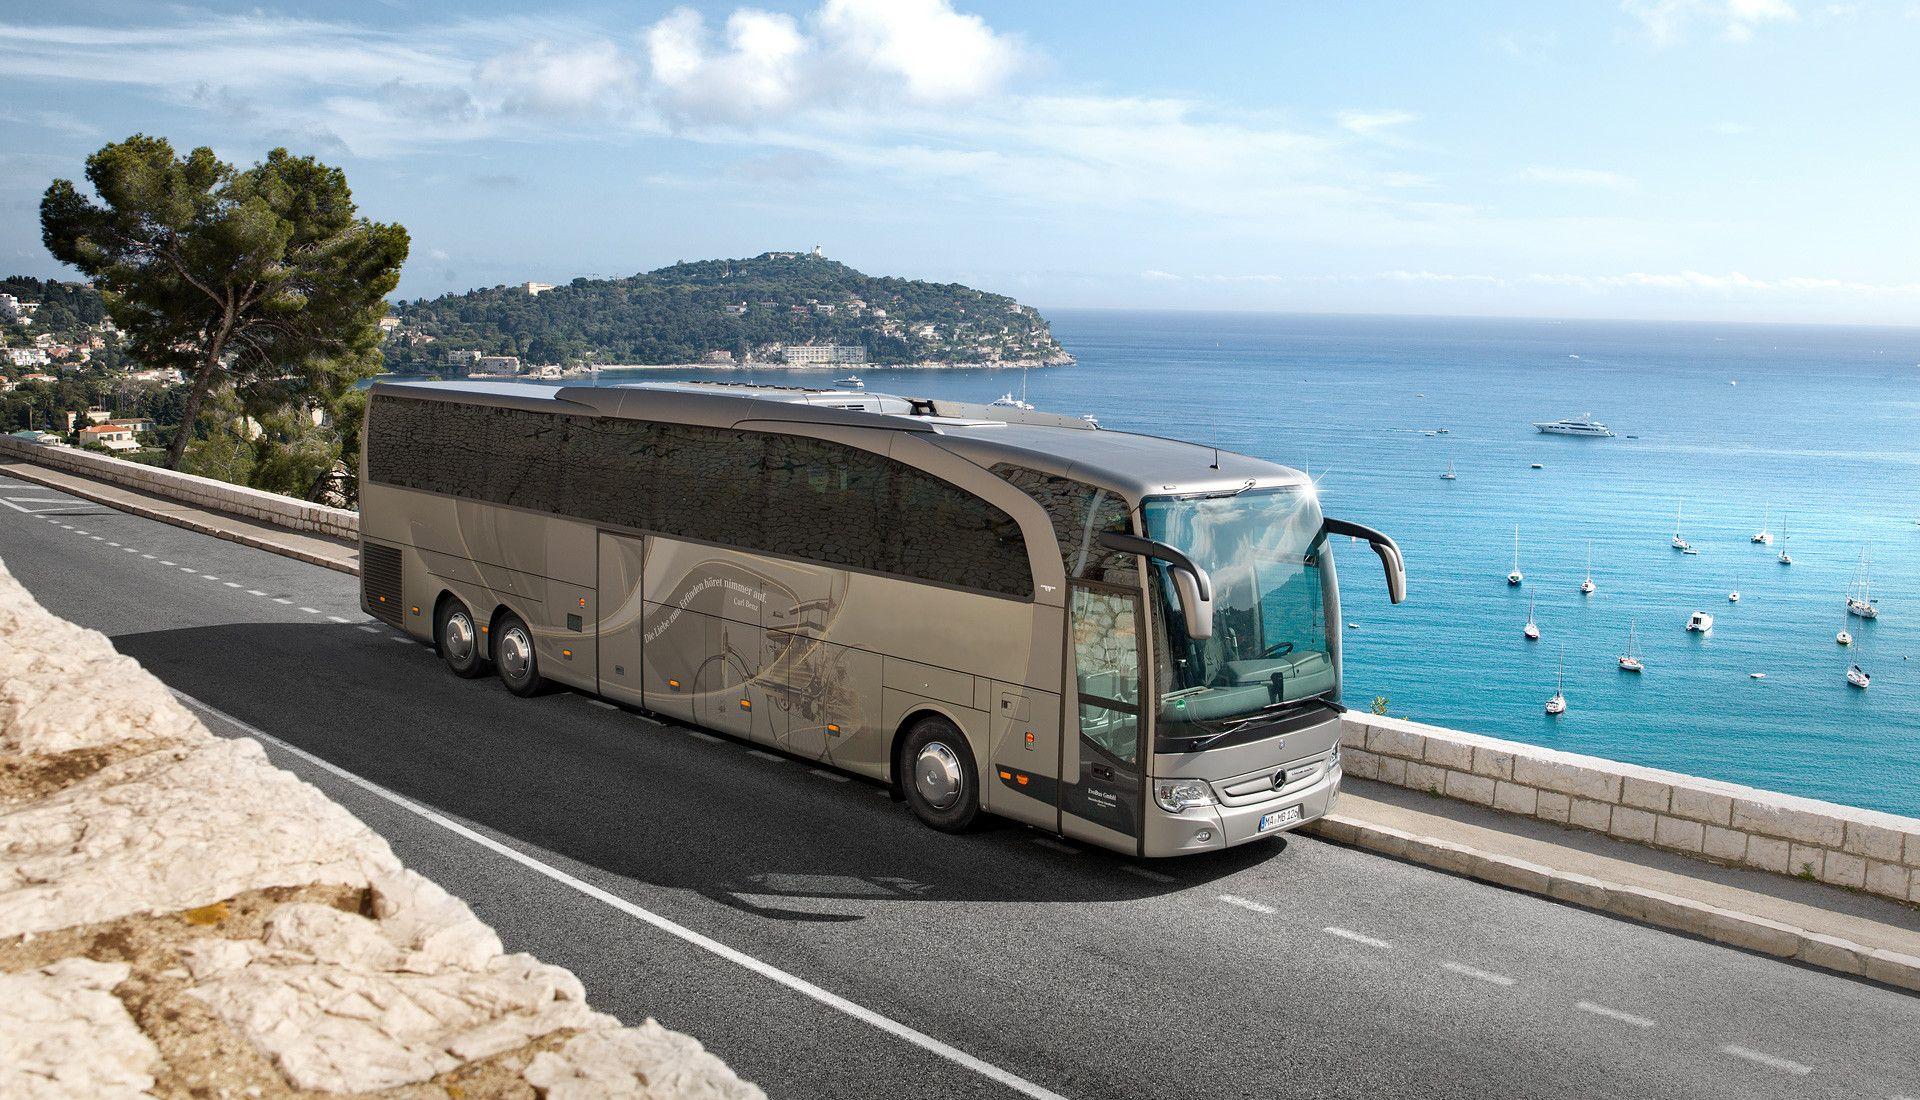 В Крыму частично восстановят междугородное автобусное сообщение